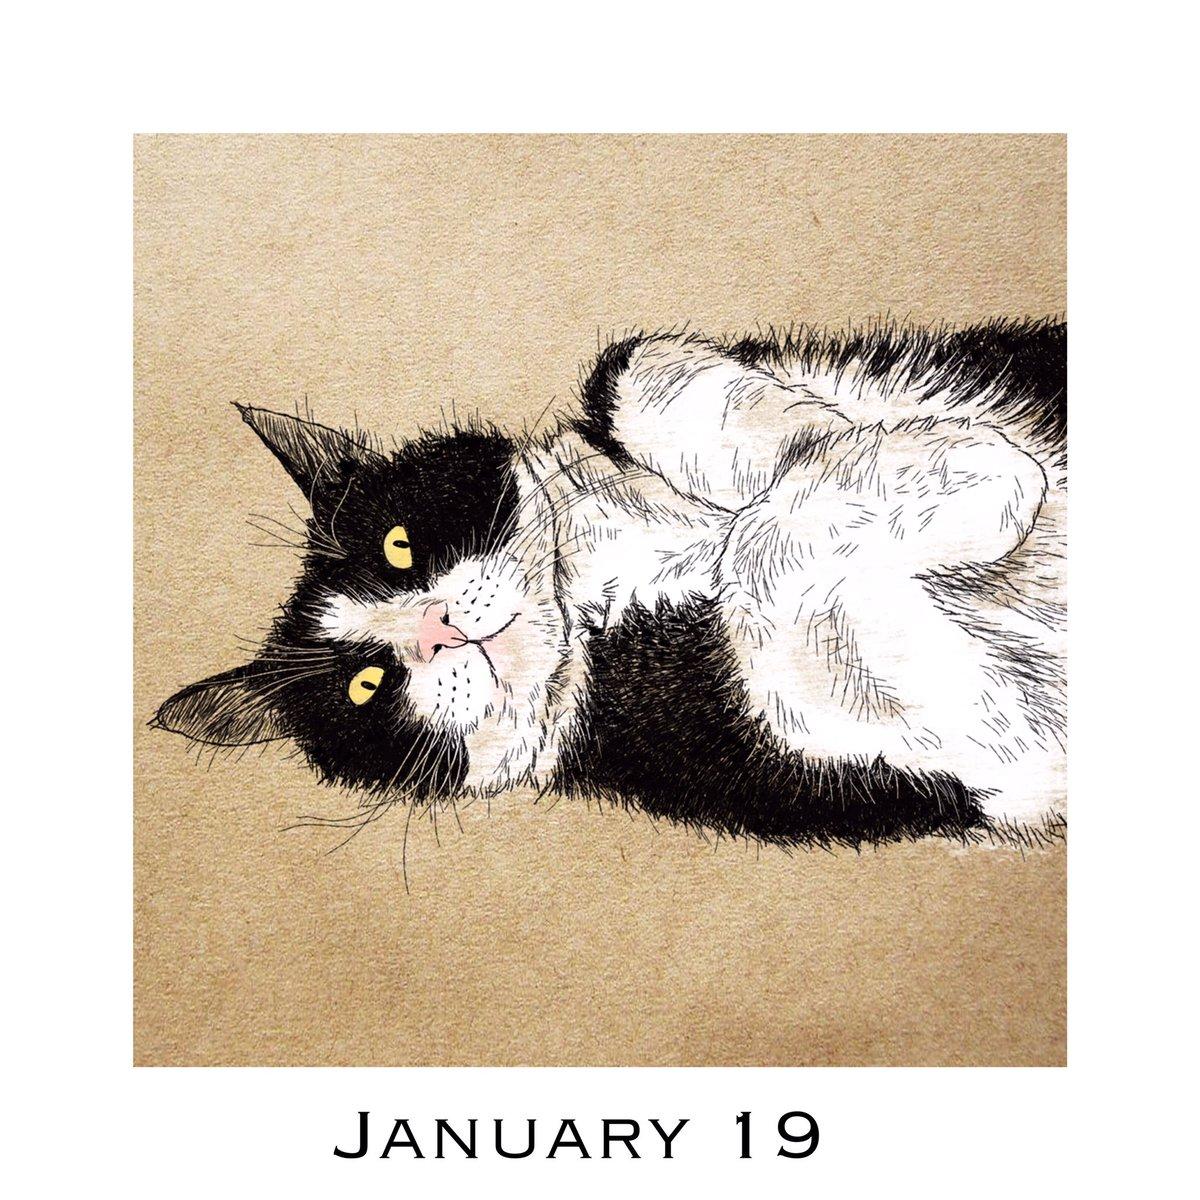 猫好きイラストレーター 365cat Art Twitterren 1月19日 ごろにゃん 猫カレンダー Catcalendar 365catart Catscalendar 猫好きさんと繋がりたい 猫 ねこ Cat Cats Catart 猫の絵 おしゃれ猫イラスト 猫イラスト 猫フリーイラスト もサイトで配付中